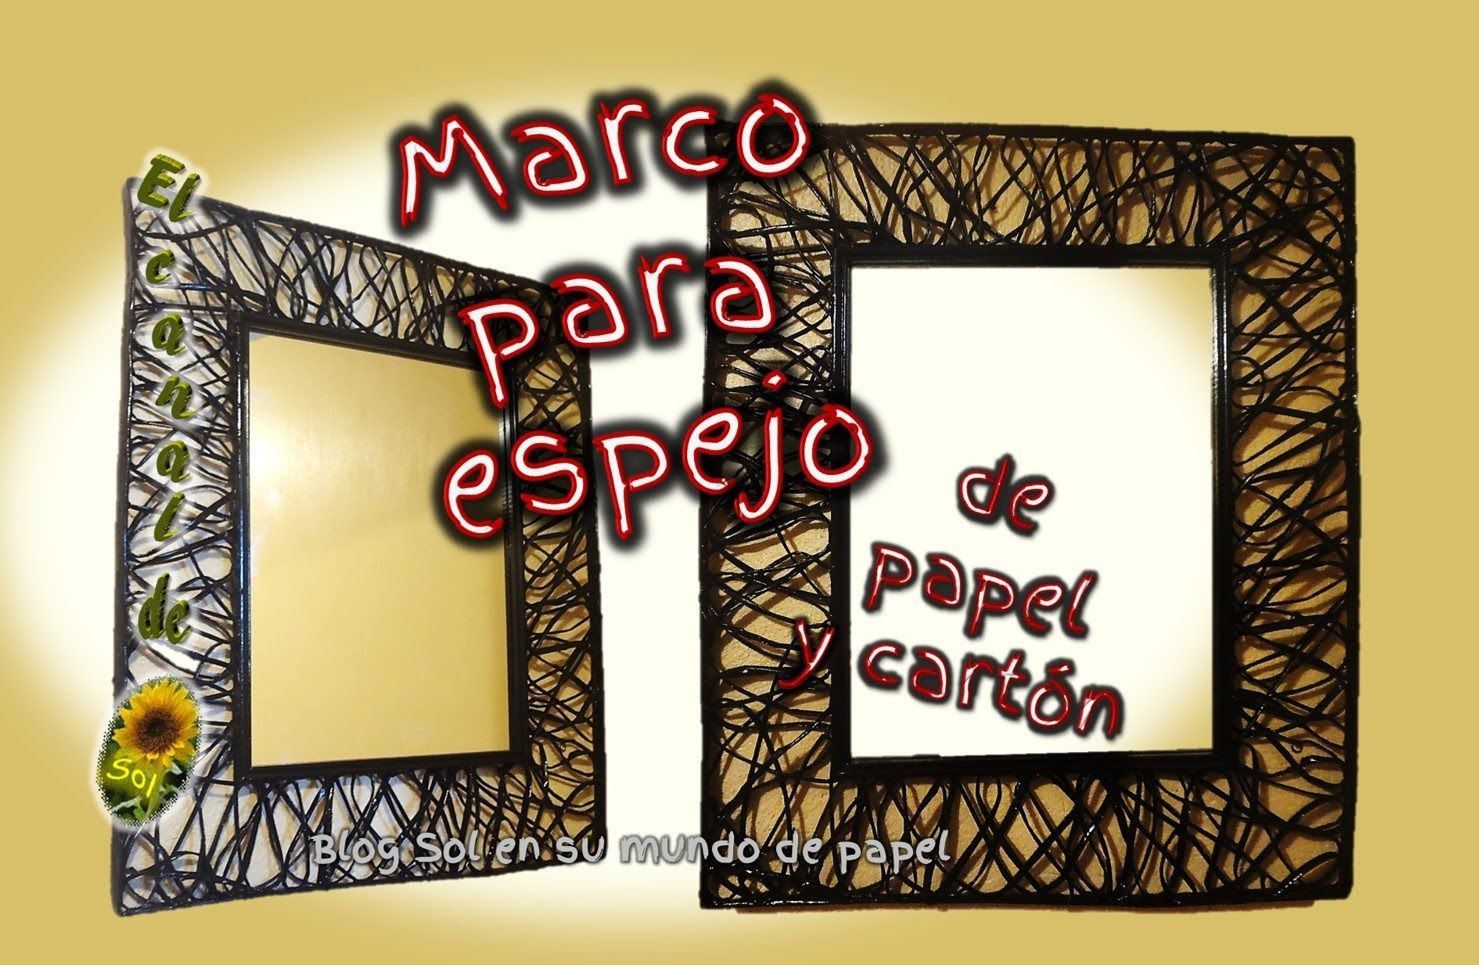 Marco para espejo de papel y cart n mirror frame for for Marcos para espejos artesanales